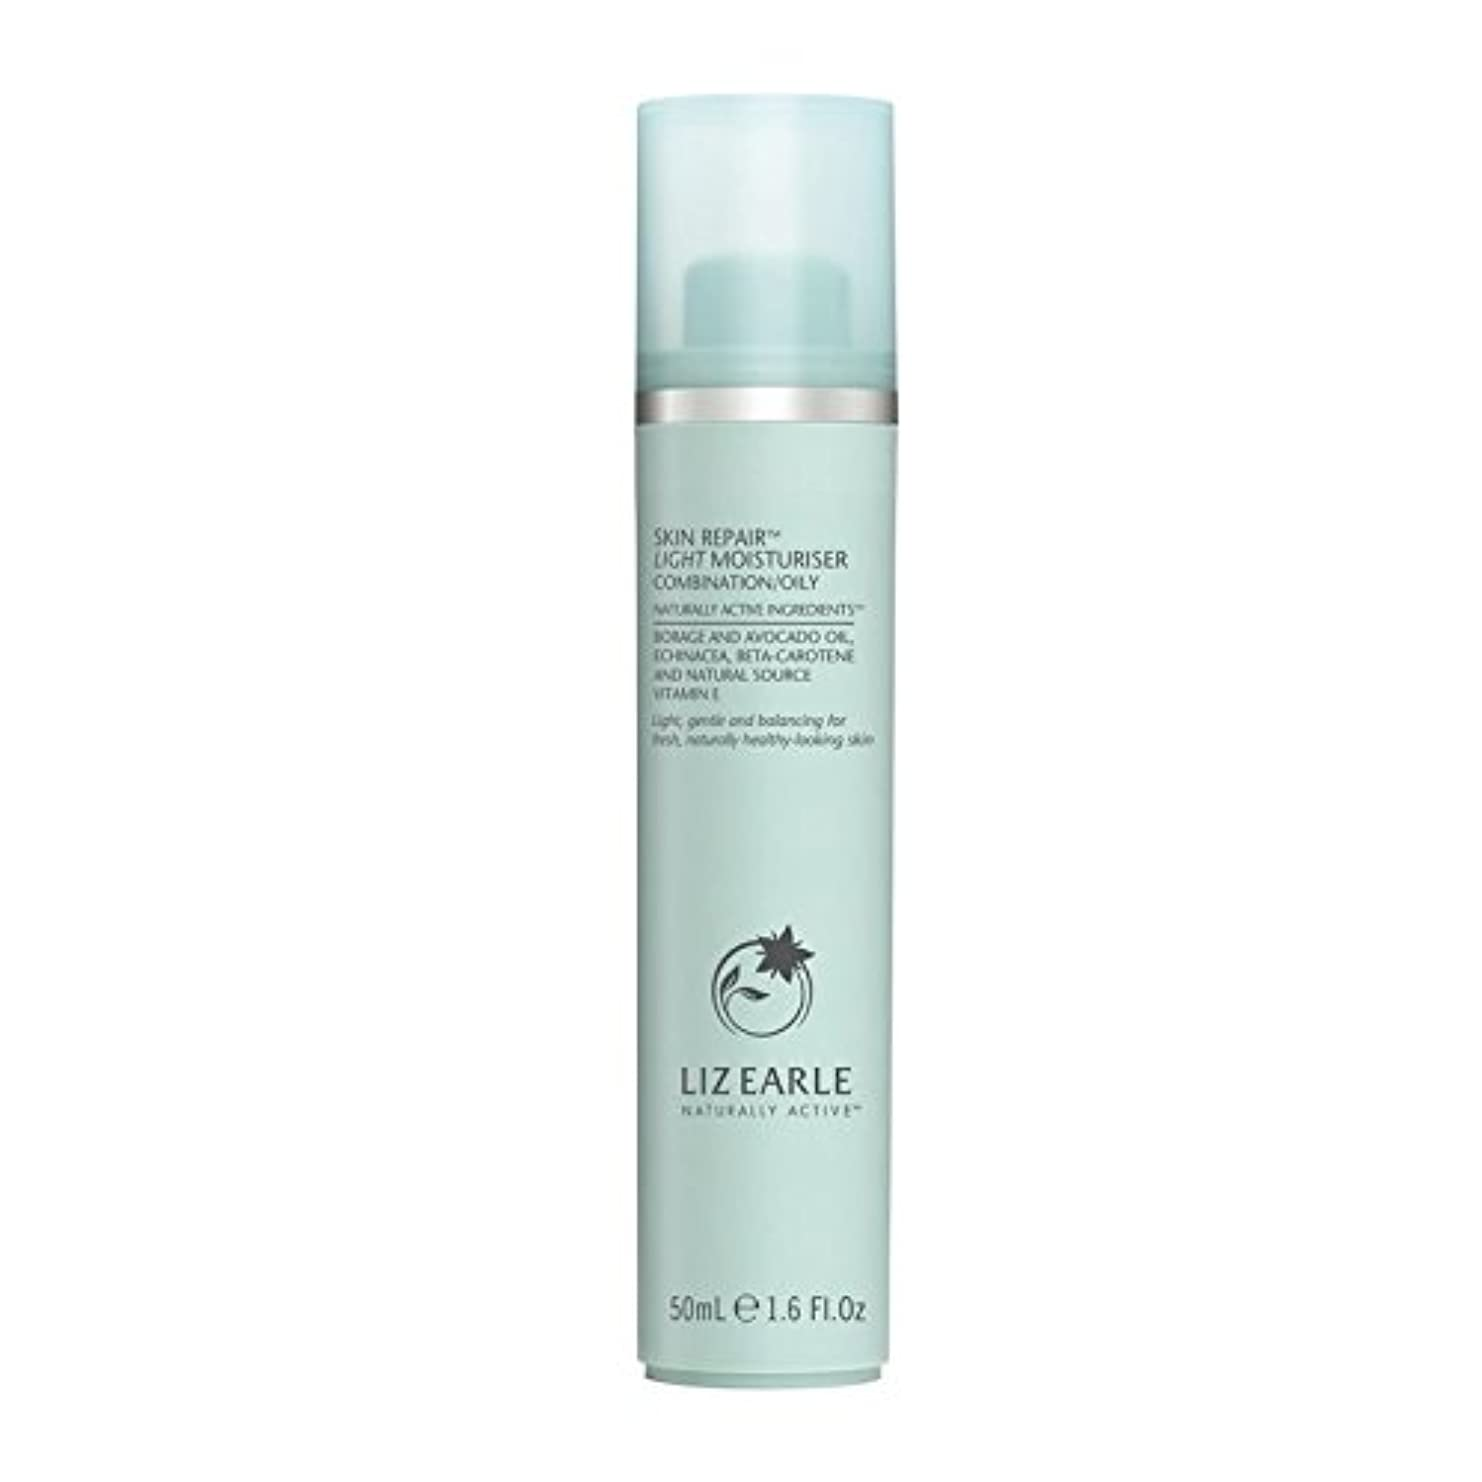 路地ヘルメット大臣リズアールスキンリペア光の保湿剤の組み合わせ/油性50ミリリットル x4 - Liz Earle Skin Repair Light Moisturiser Combination/Oily 50ml (Pack of...